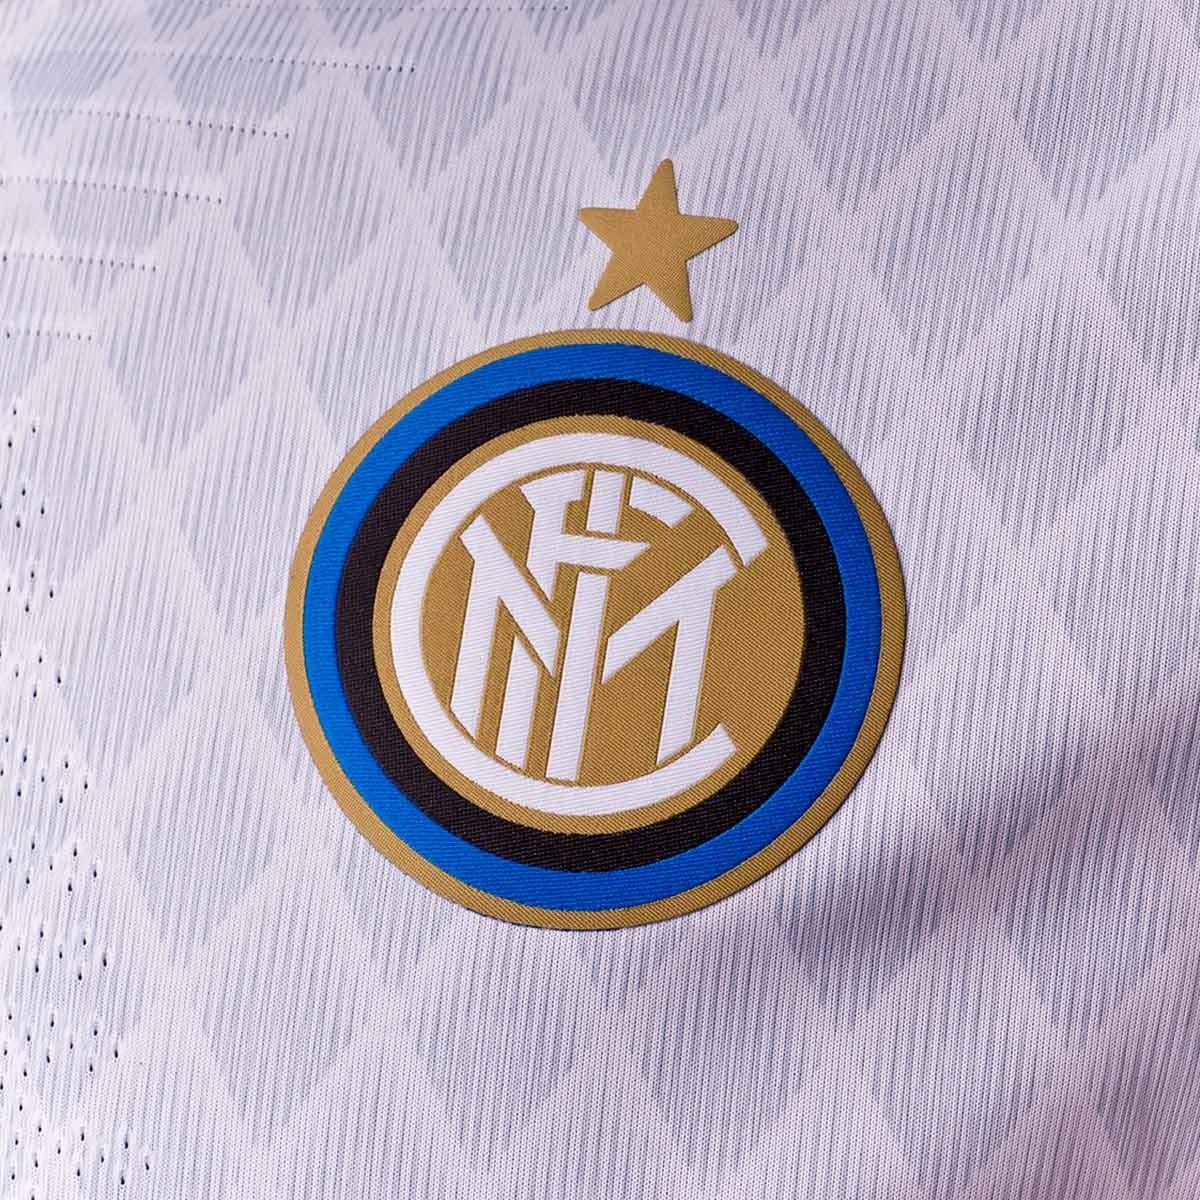 832c1fcae8a38 Camisola Nike Vapor Inter Milán Equipamento Secundário 2018-2019  White-Black - Loja de futebol Fútbol Emotion